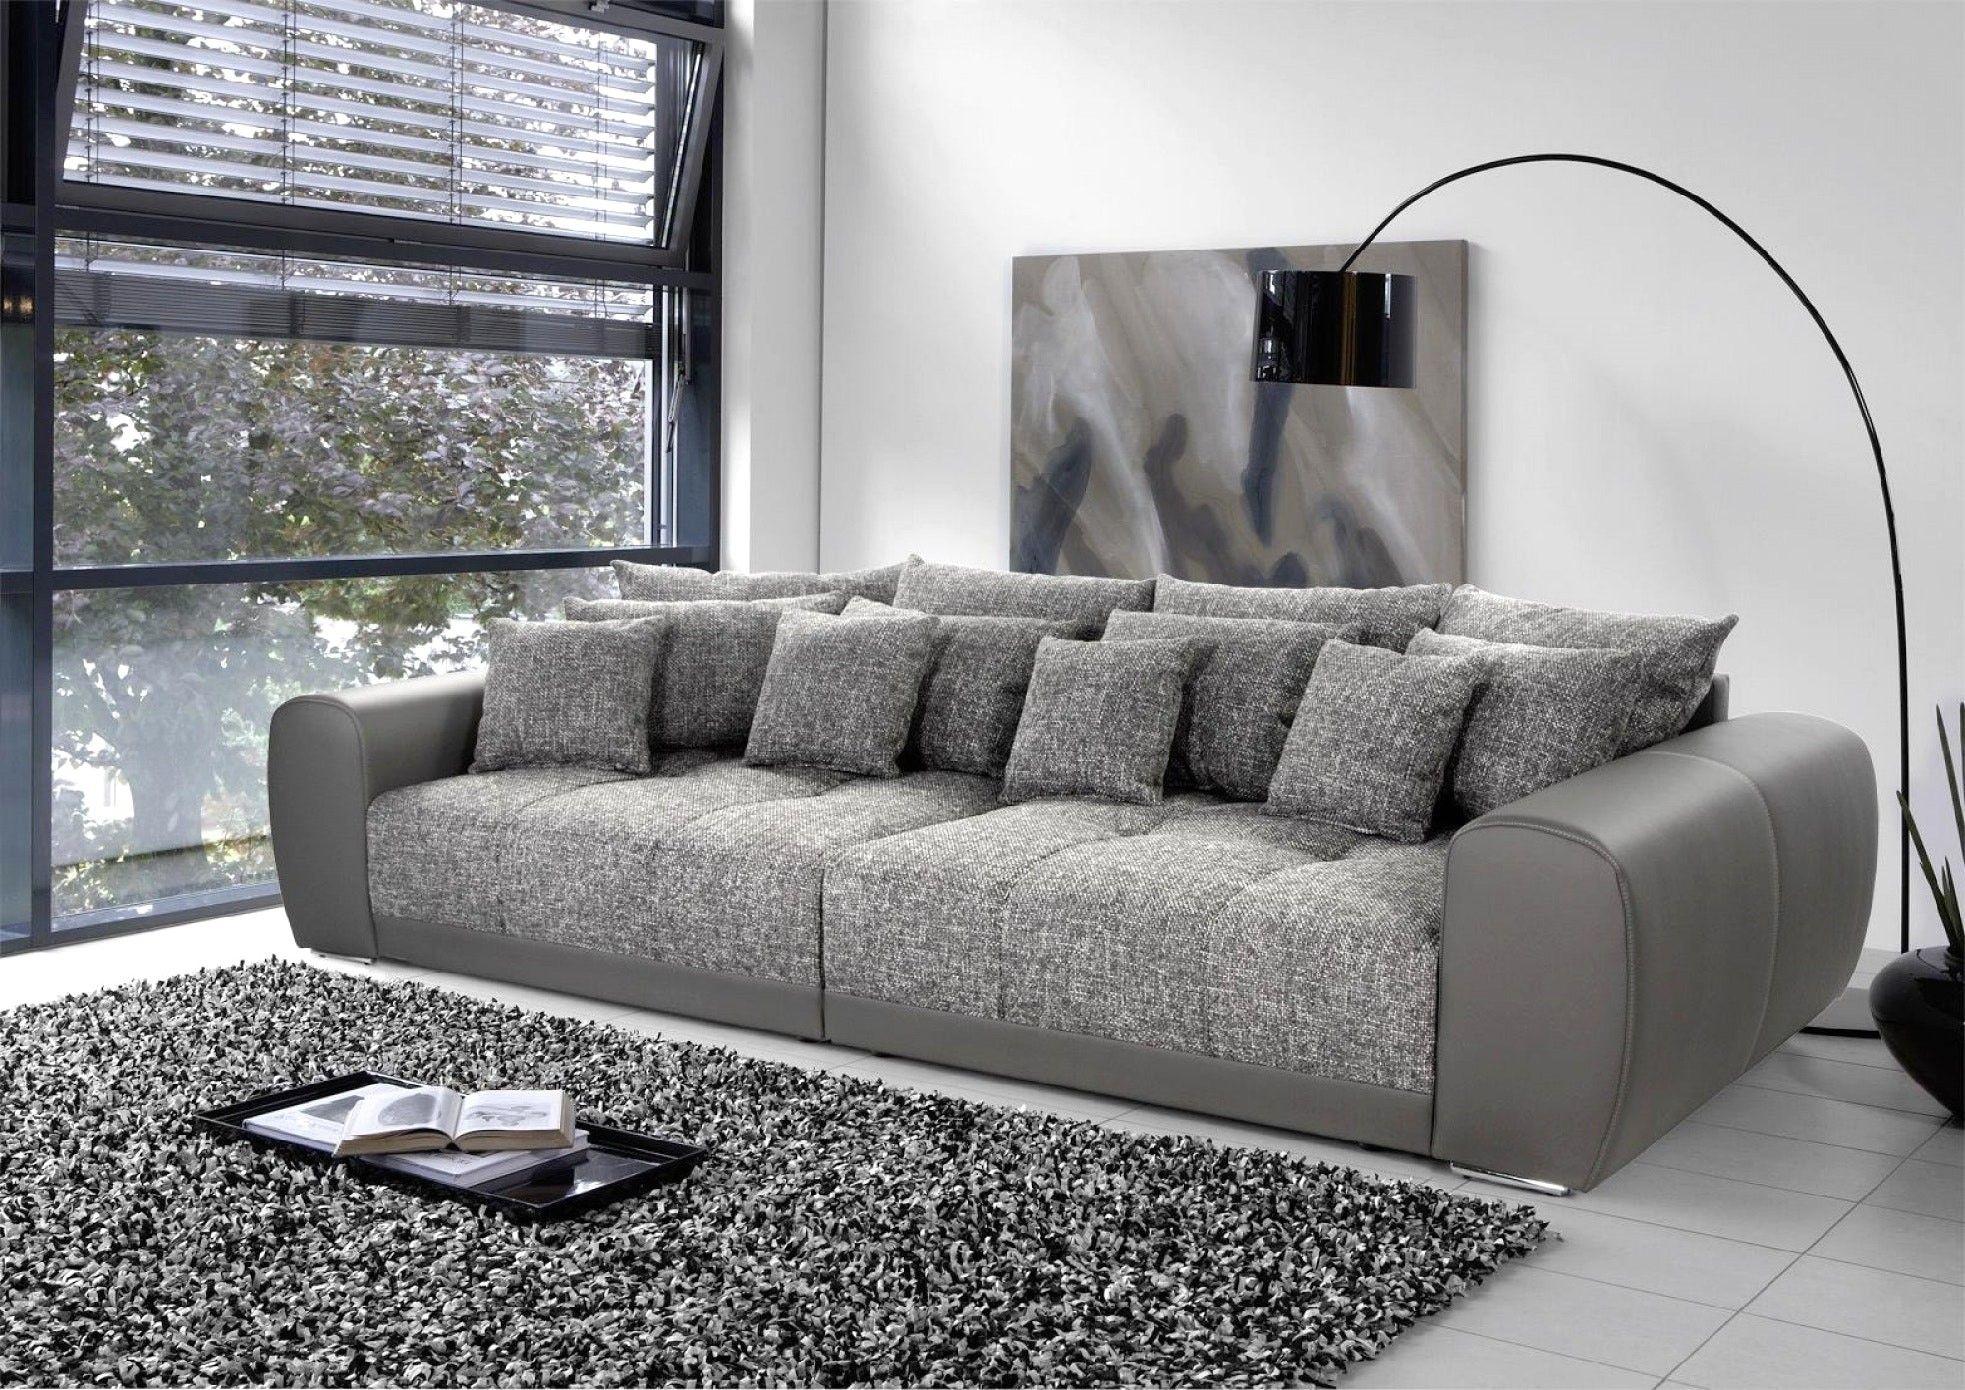 Full Size of Couch Ratenzahlung Mit Schufa Sofa Auf Raten Bestellen Kaufen Trotz Negativer Big Led Küche Geräten Mitarbeitergespräche Führen Bett Lattenrost Regal Wohnzimmer Couch Ratenzahlung Mit Schufa